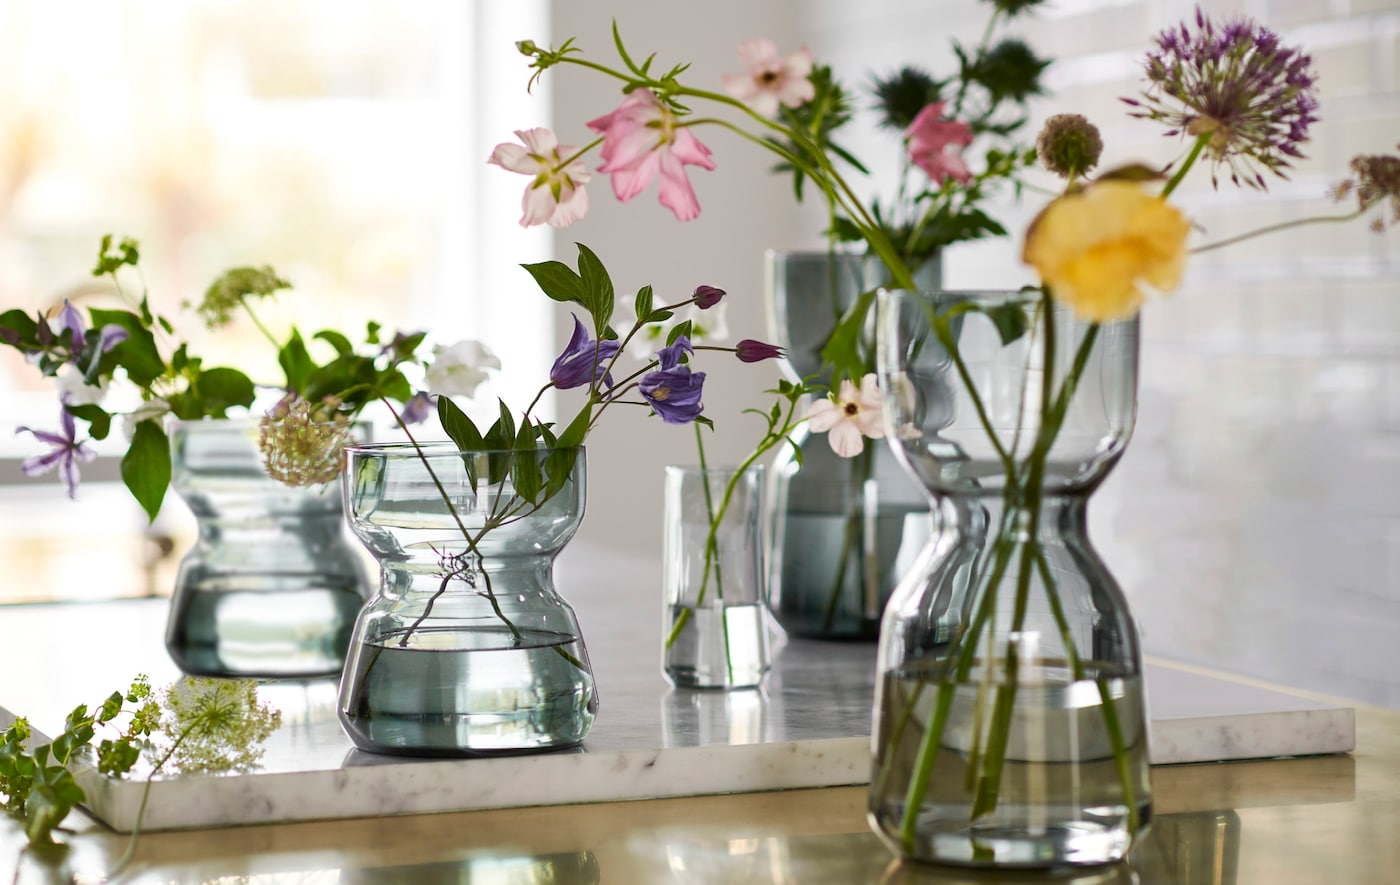 Lien vers «Une collection adaptée aux particularités physiques de chacun» : image de vases en verre remplis de fleurs.